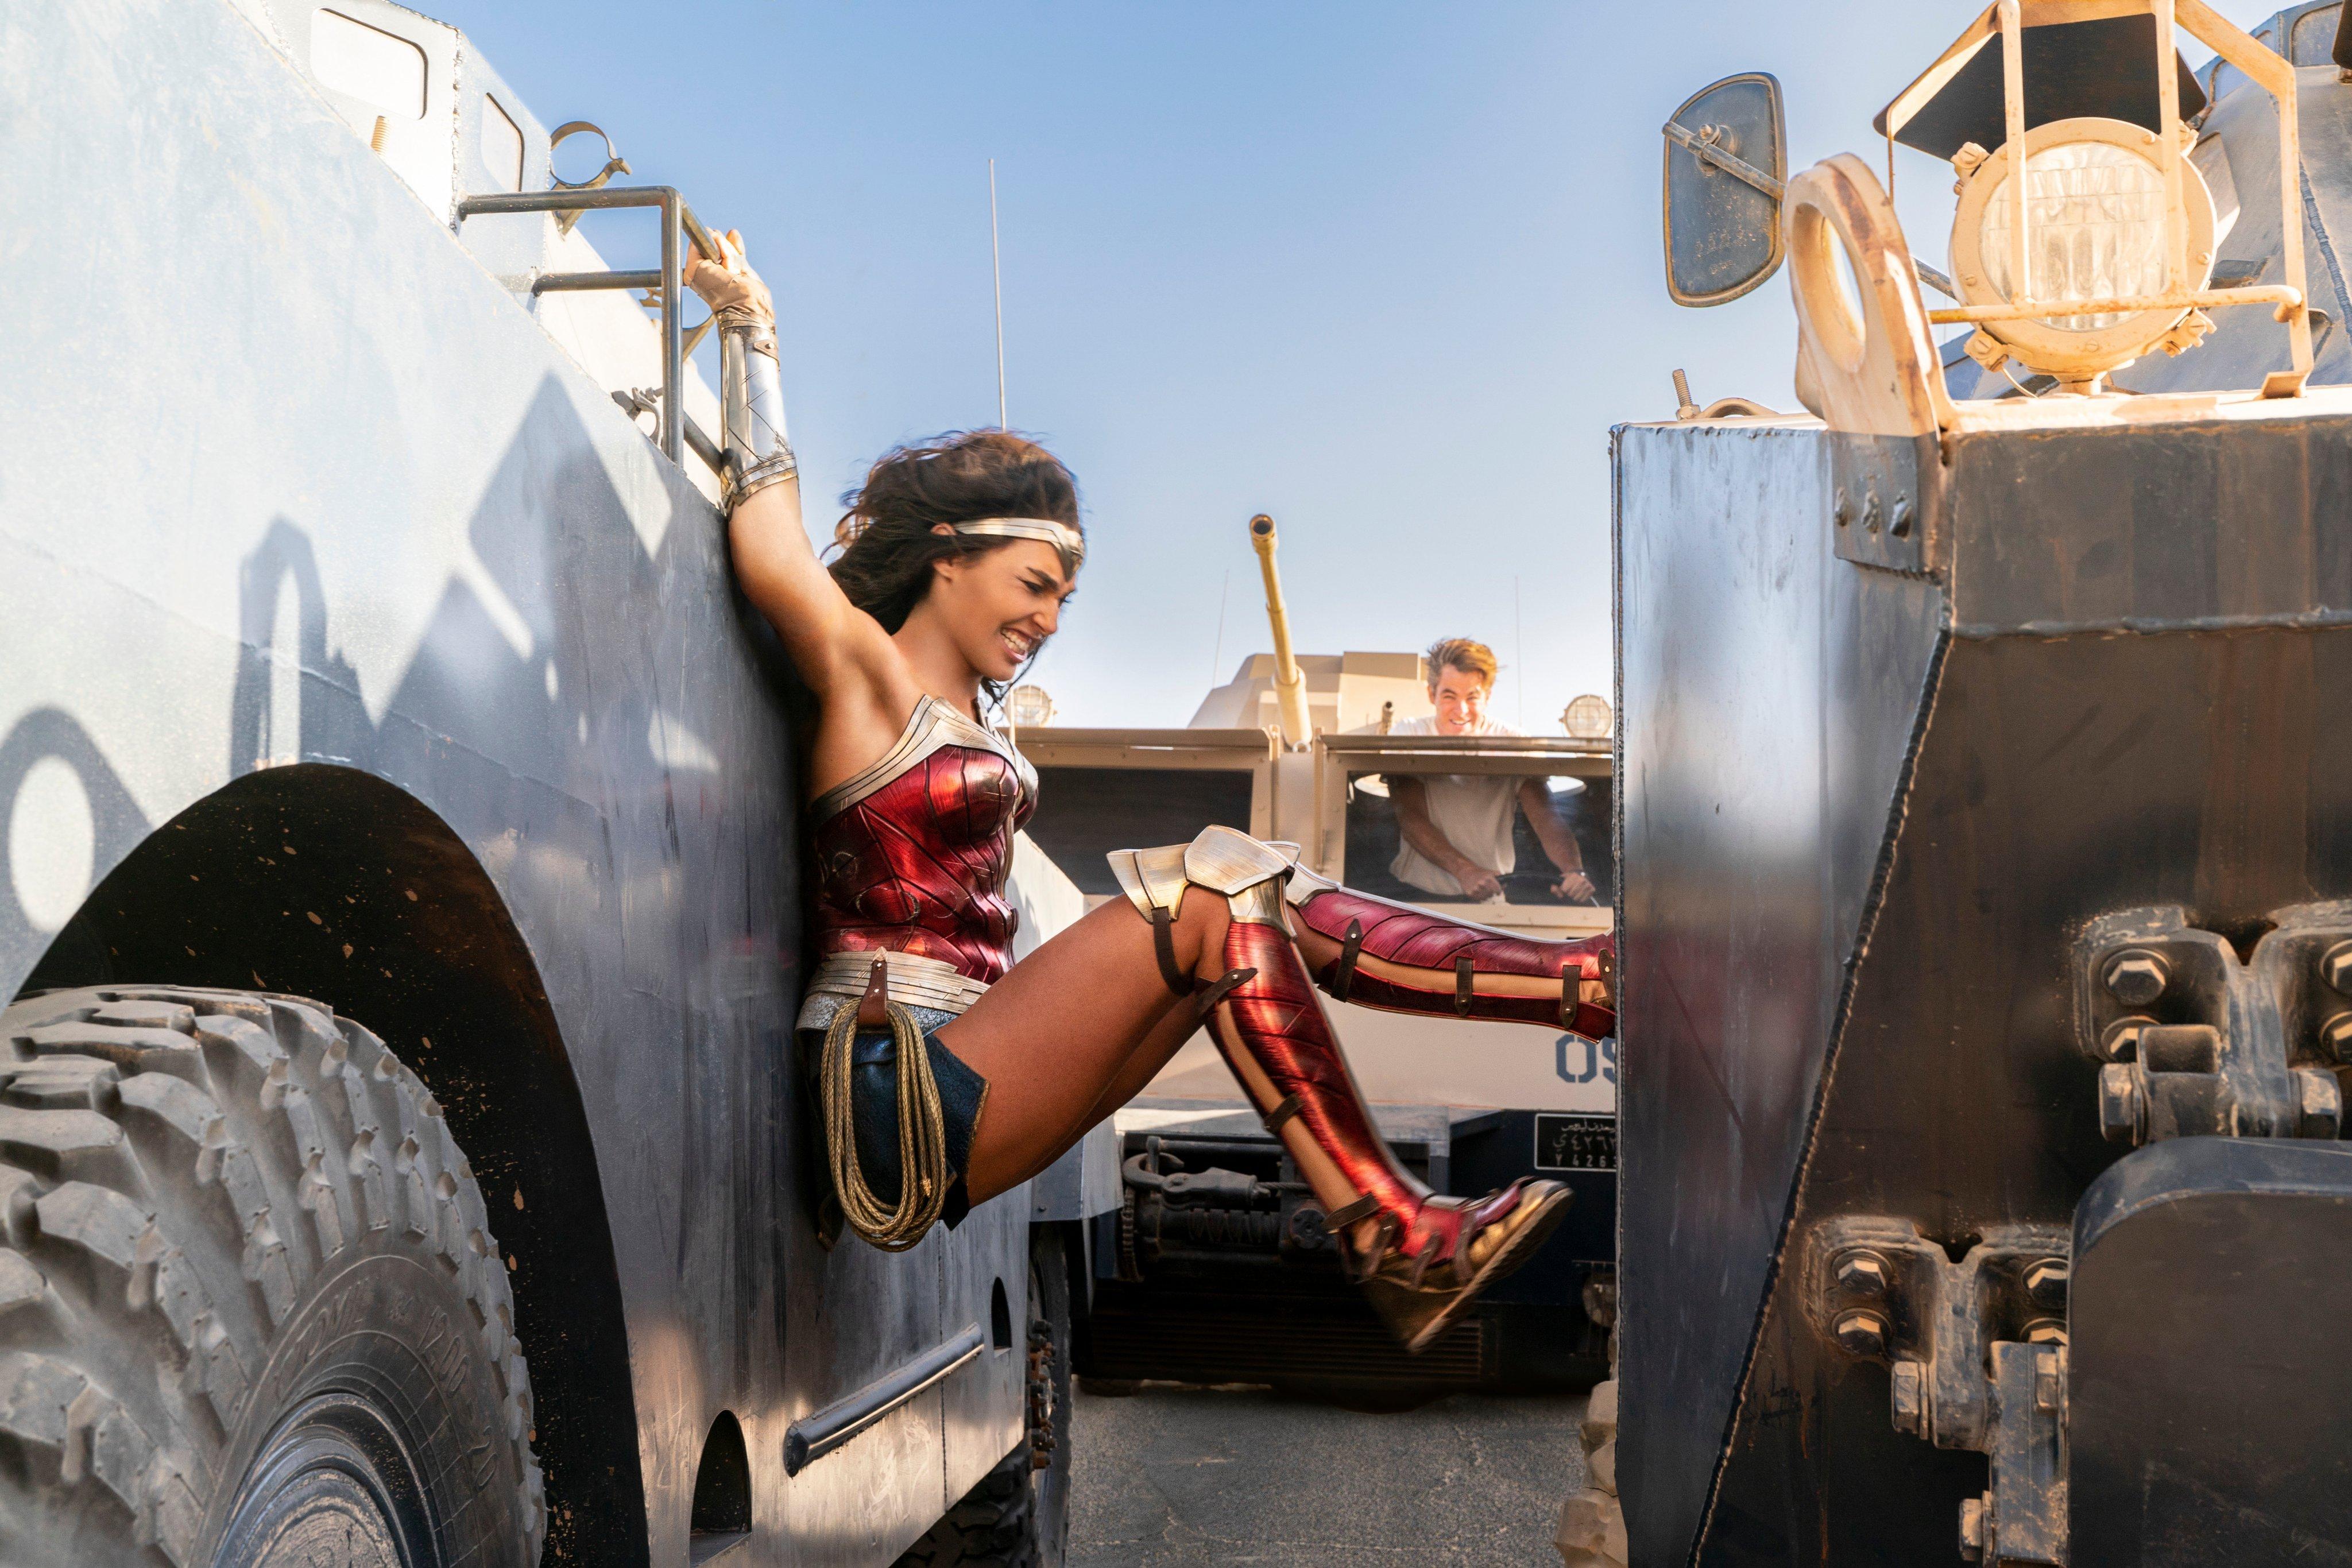 wonder woman 1984 movie still 1611597608 - Wonder Woman 1984 Movie Still - Wonder Woman 1984 Movie Still 4k wallpapers